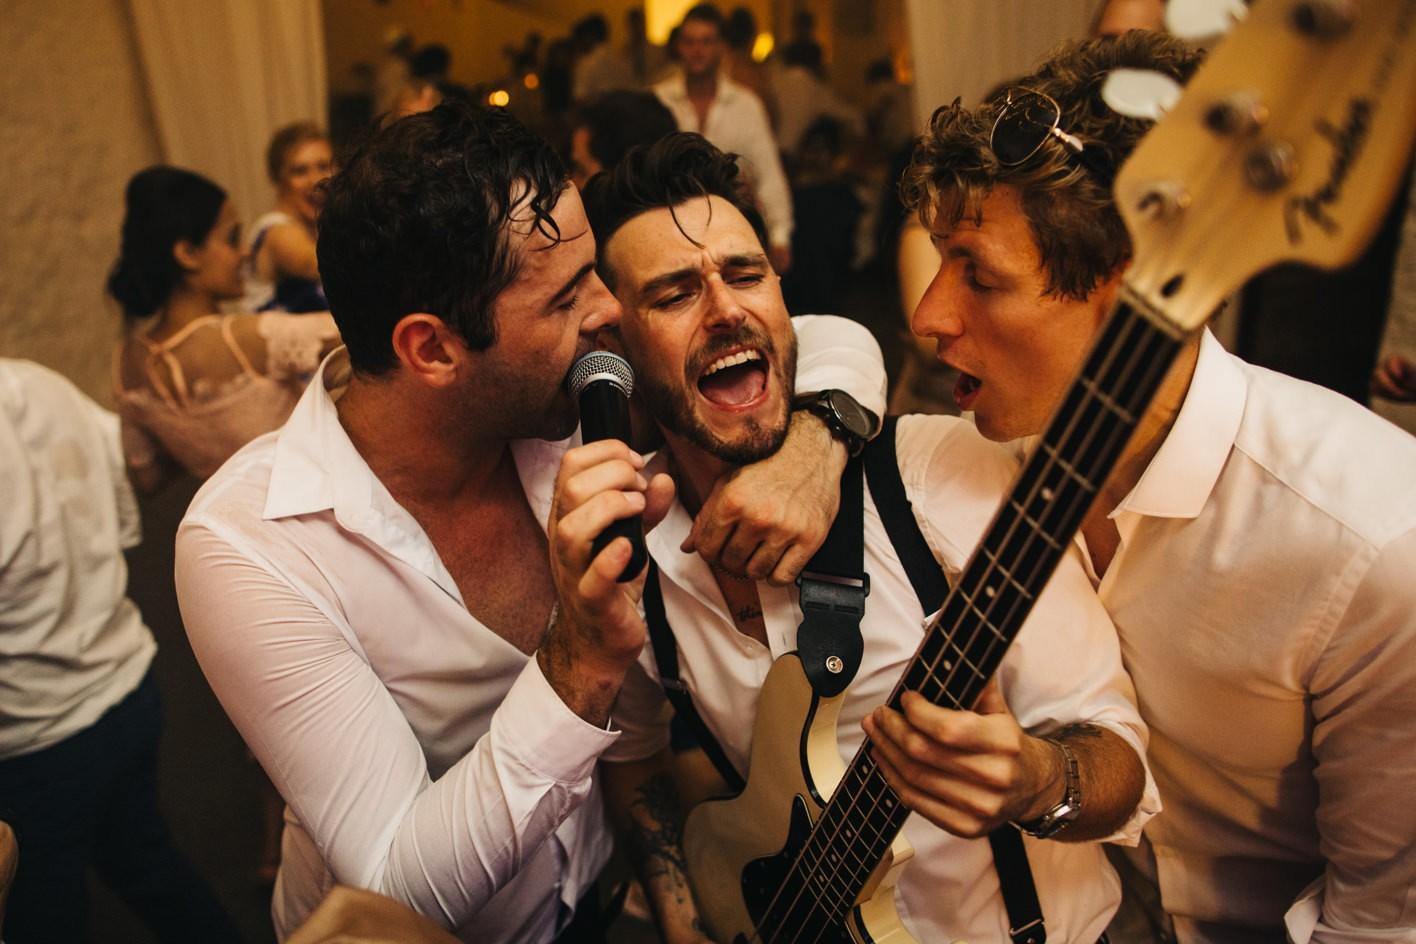 wedding band play on dancefloor